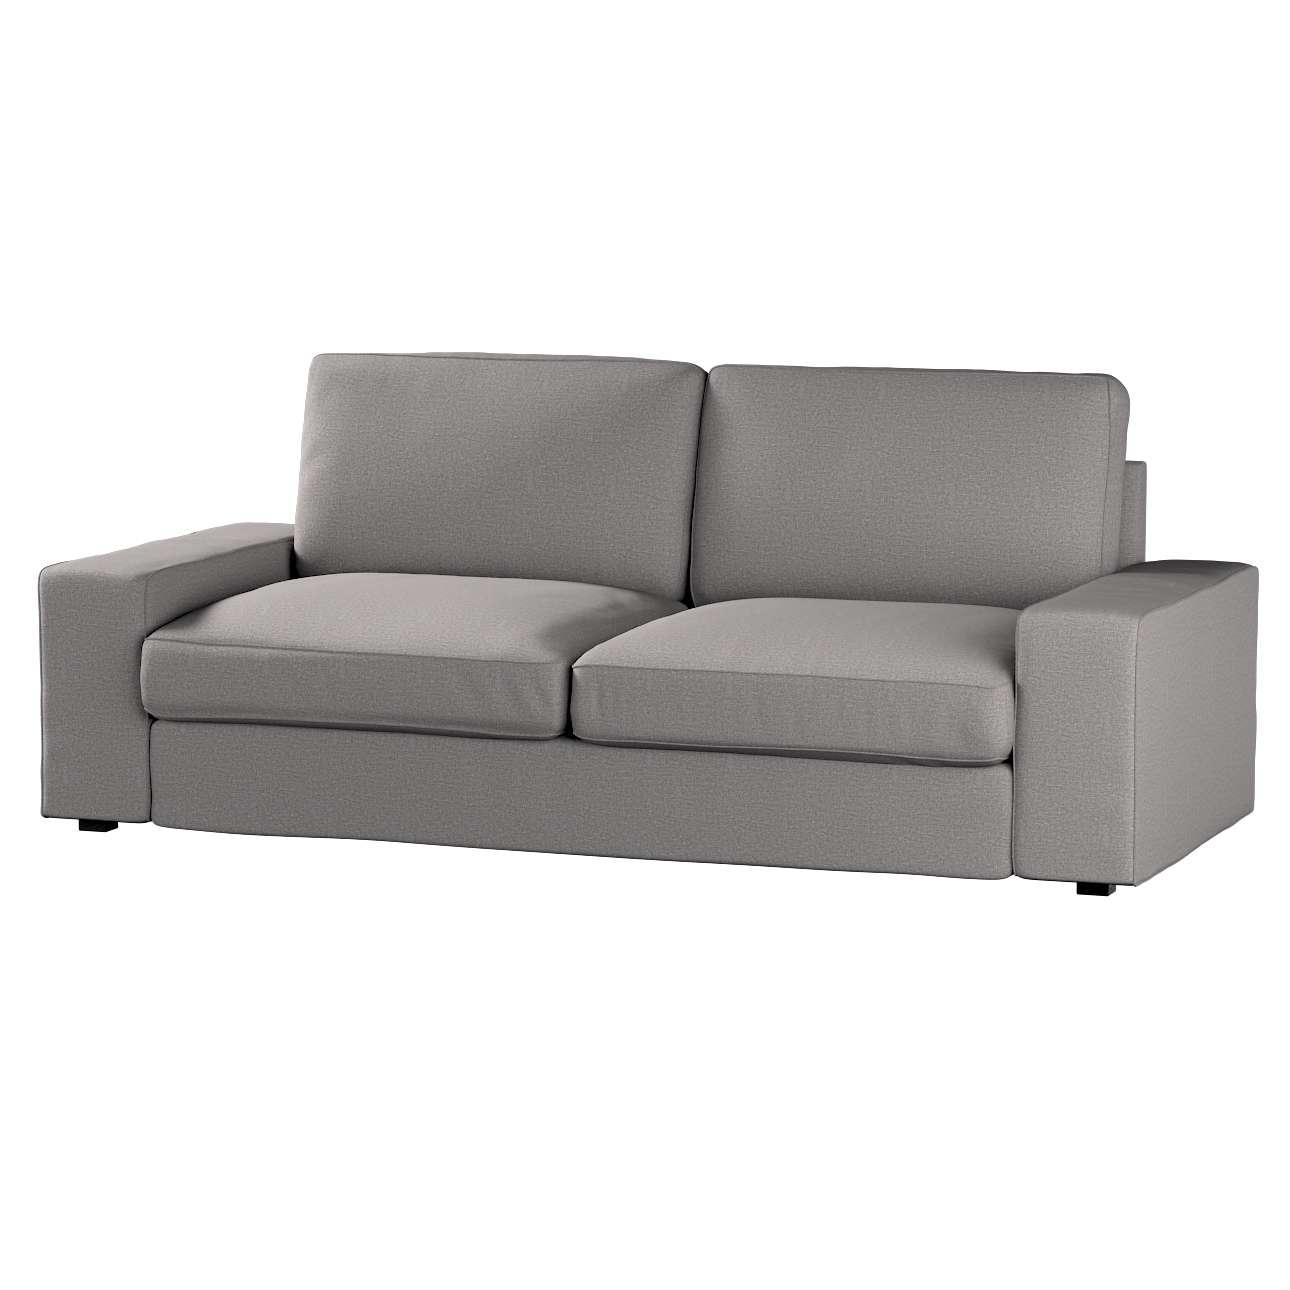 Pokrowiec na sofę Kivik 3-osobową, rozkładaną Sofa Kivik 3-osobowa rozkładana w kolekcji Edinburgh, tkanina: 115-81